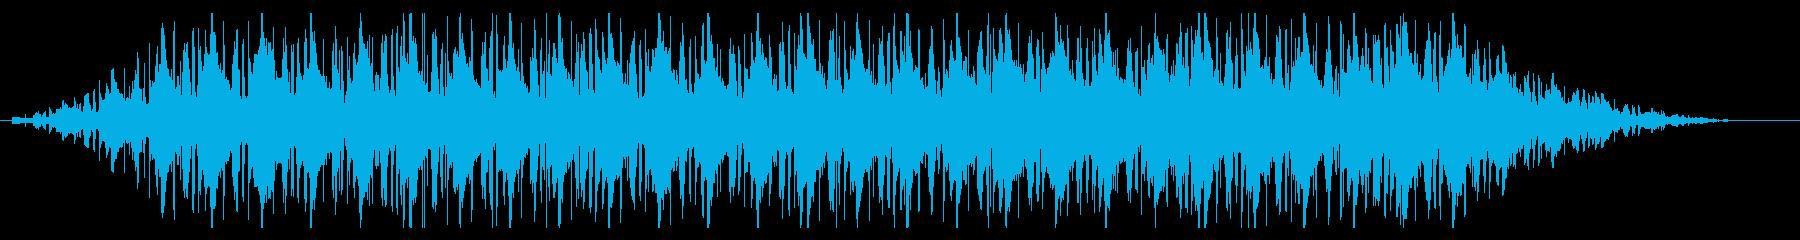 グルーブ感強 lo-fi hip-hopの再生済みの波形